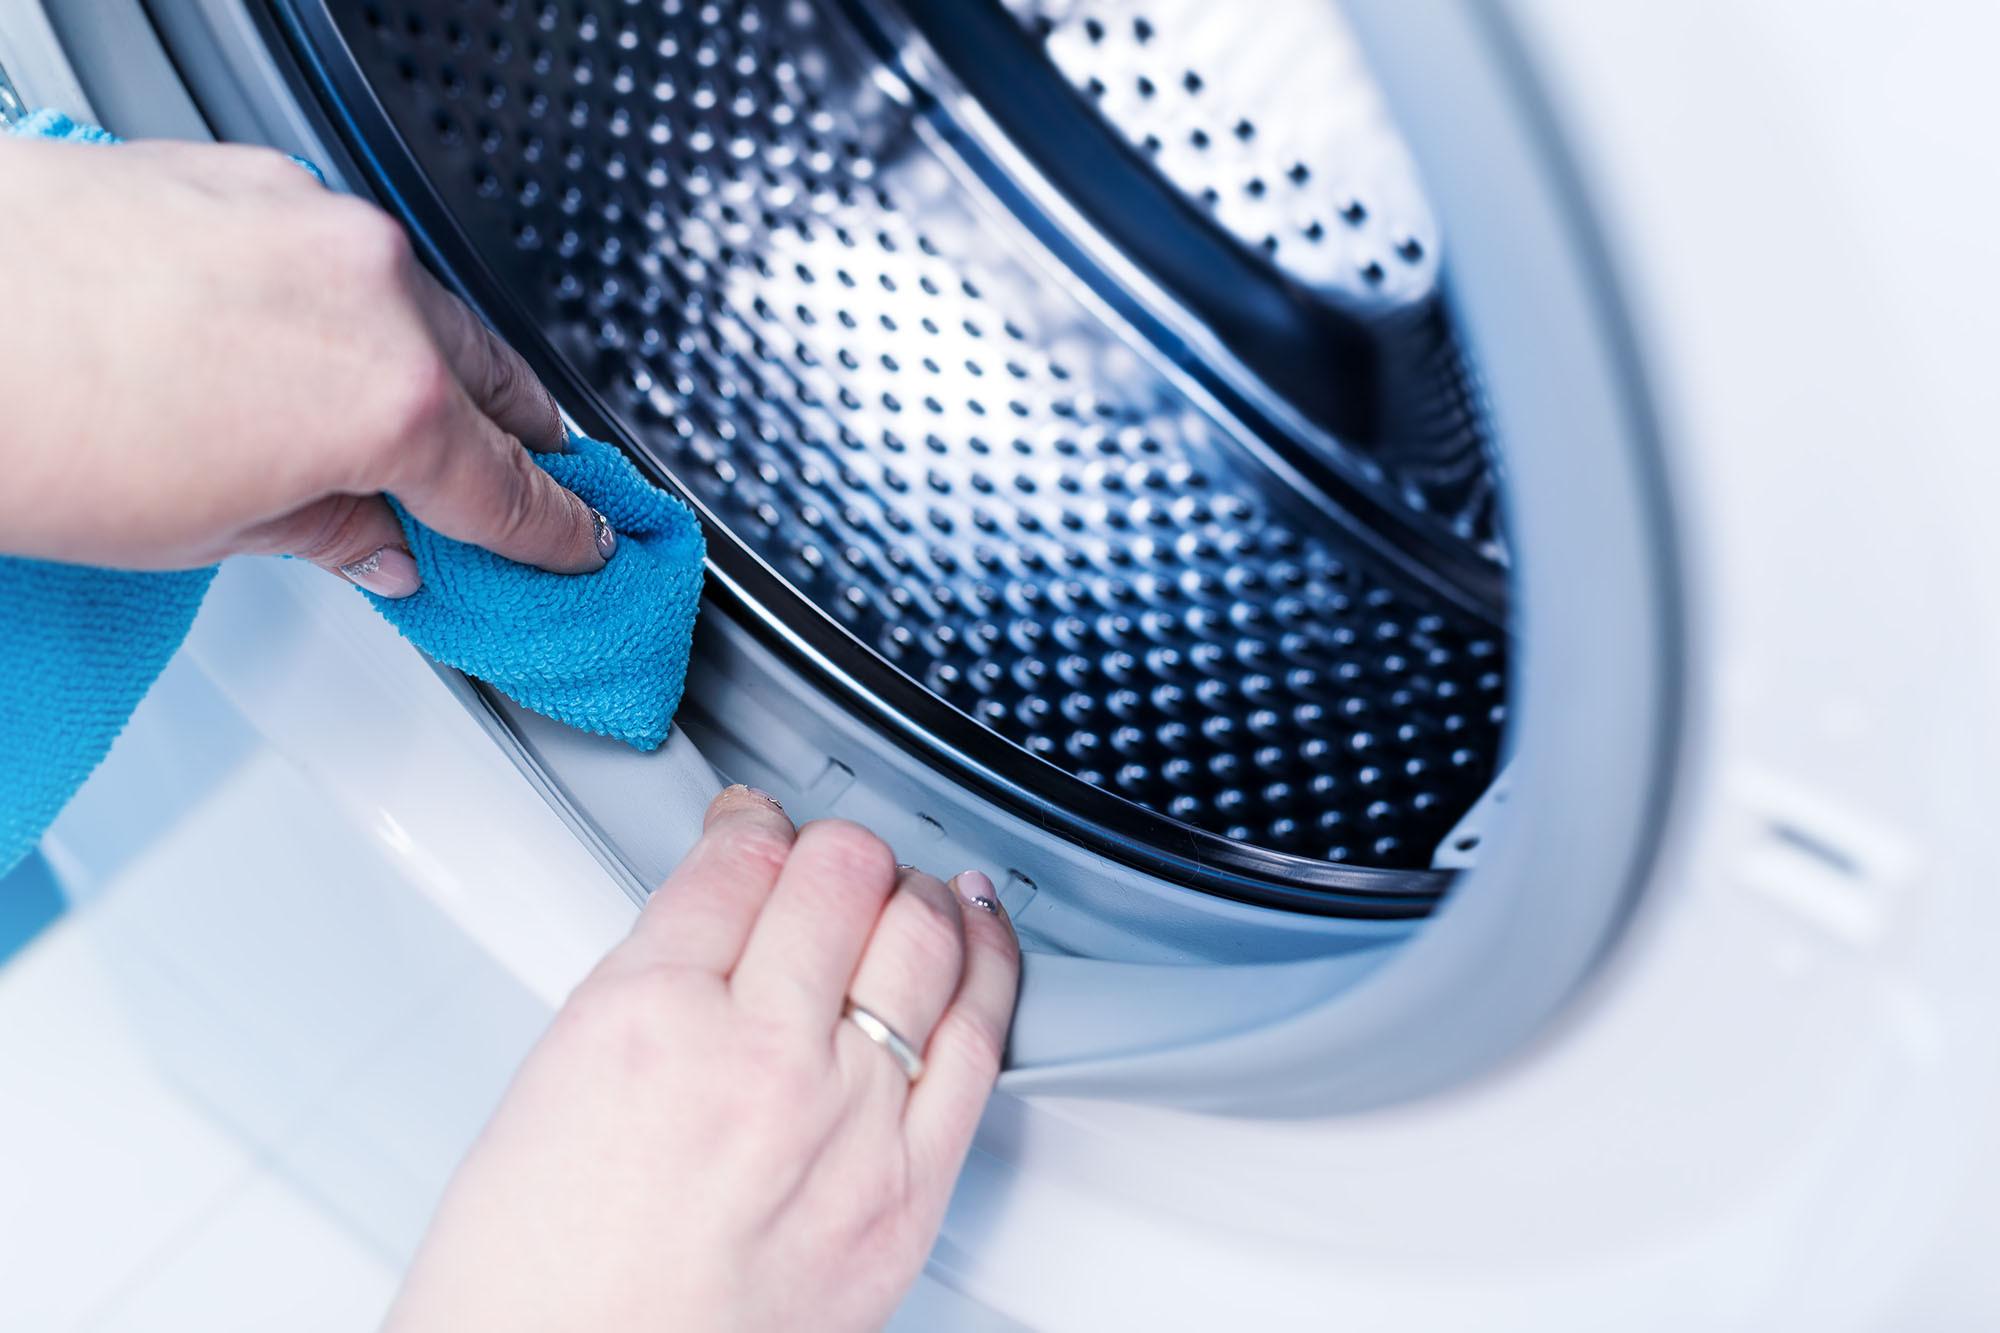 мытье стиральной машины